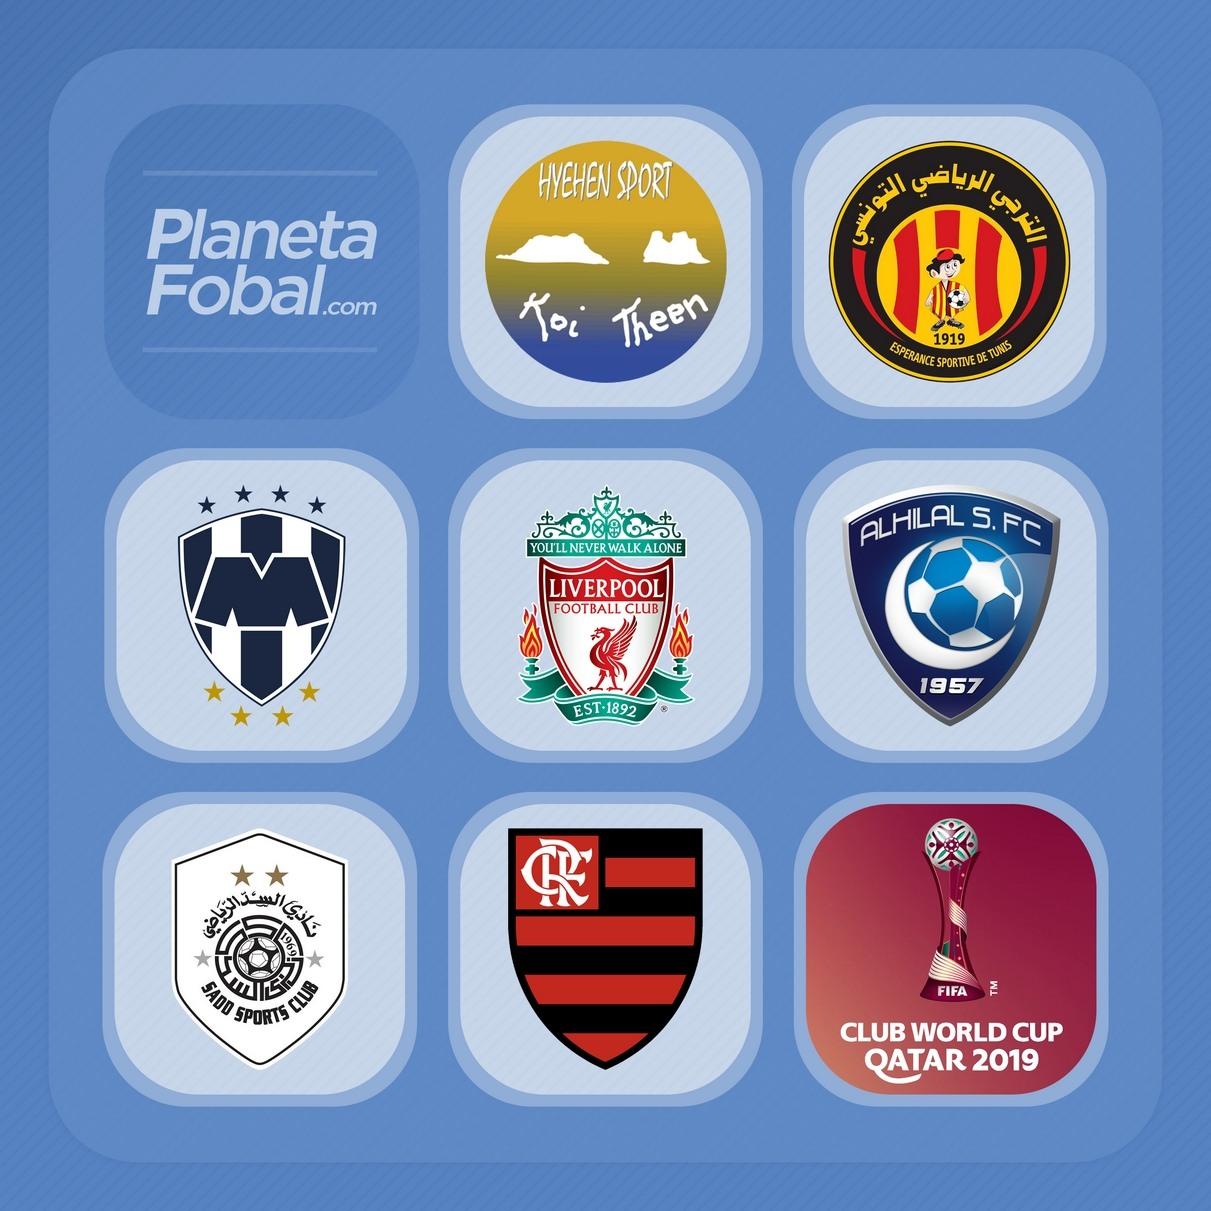 Los escudos de cada institución